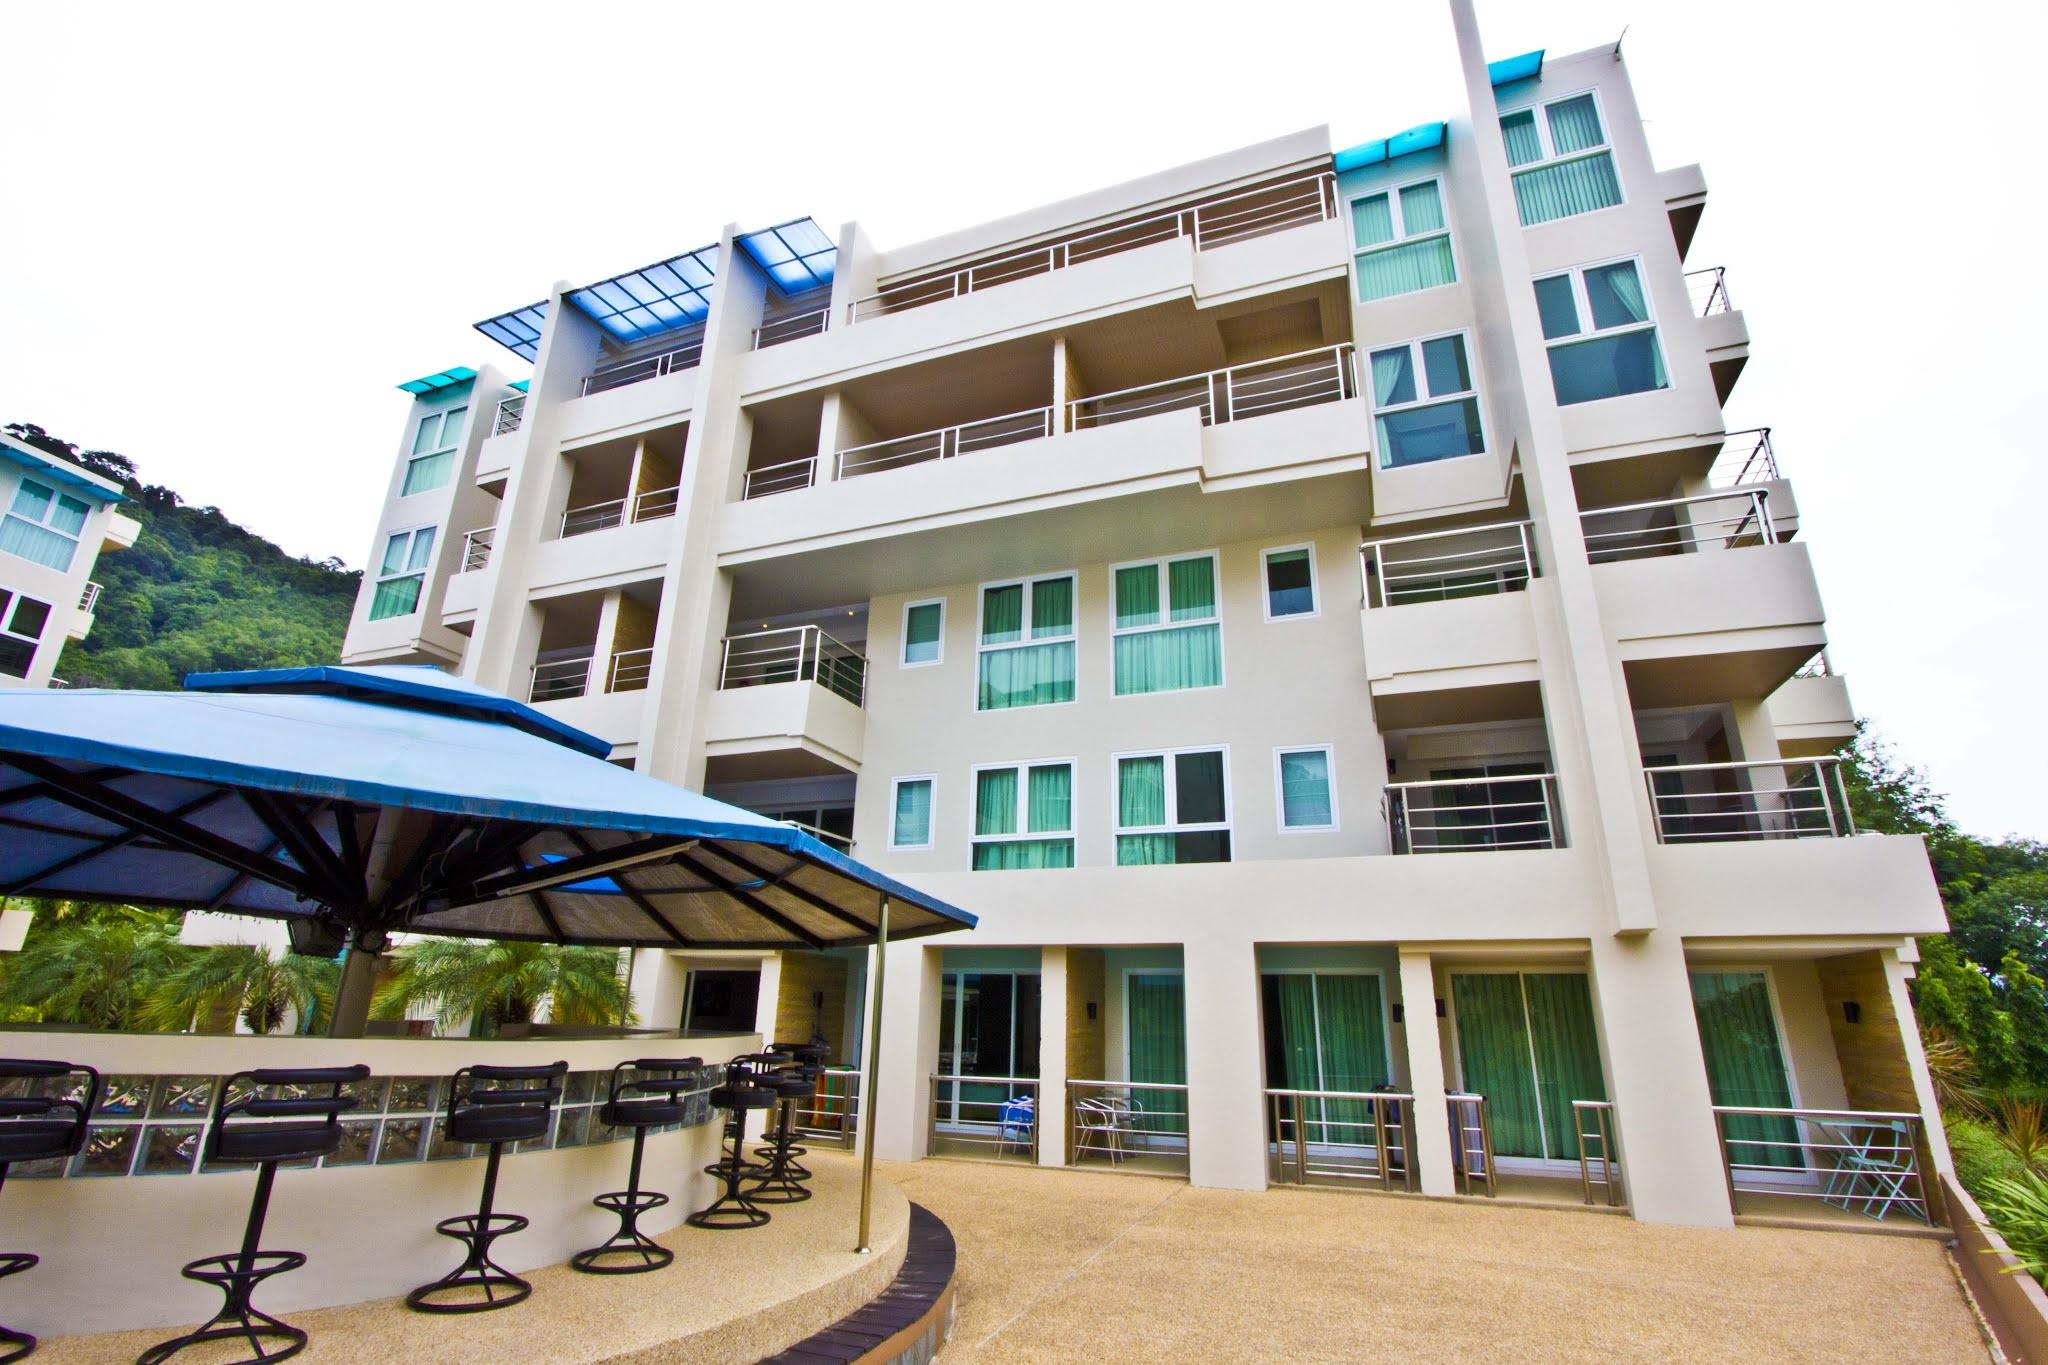 Angsana Laguna Phuket Hotel in Phuket, Thailand - 5-star Hotel Phuket, Phuket hotels, Holiday accommodation